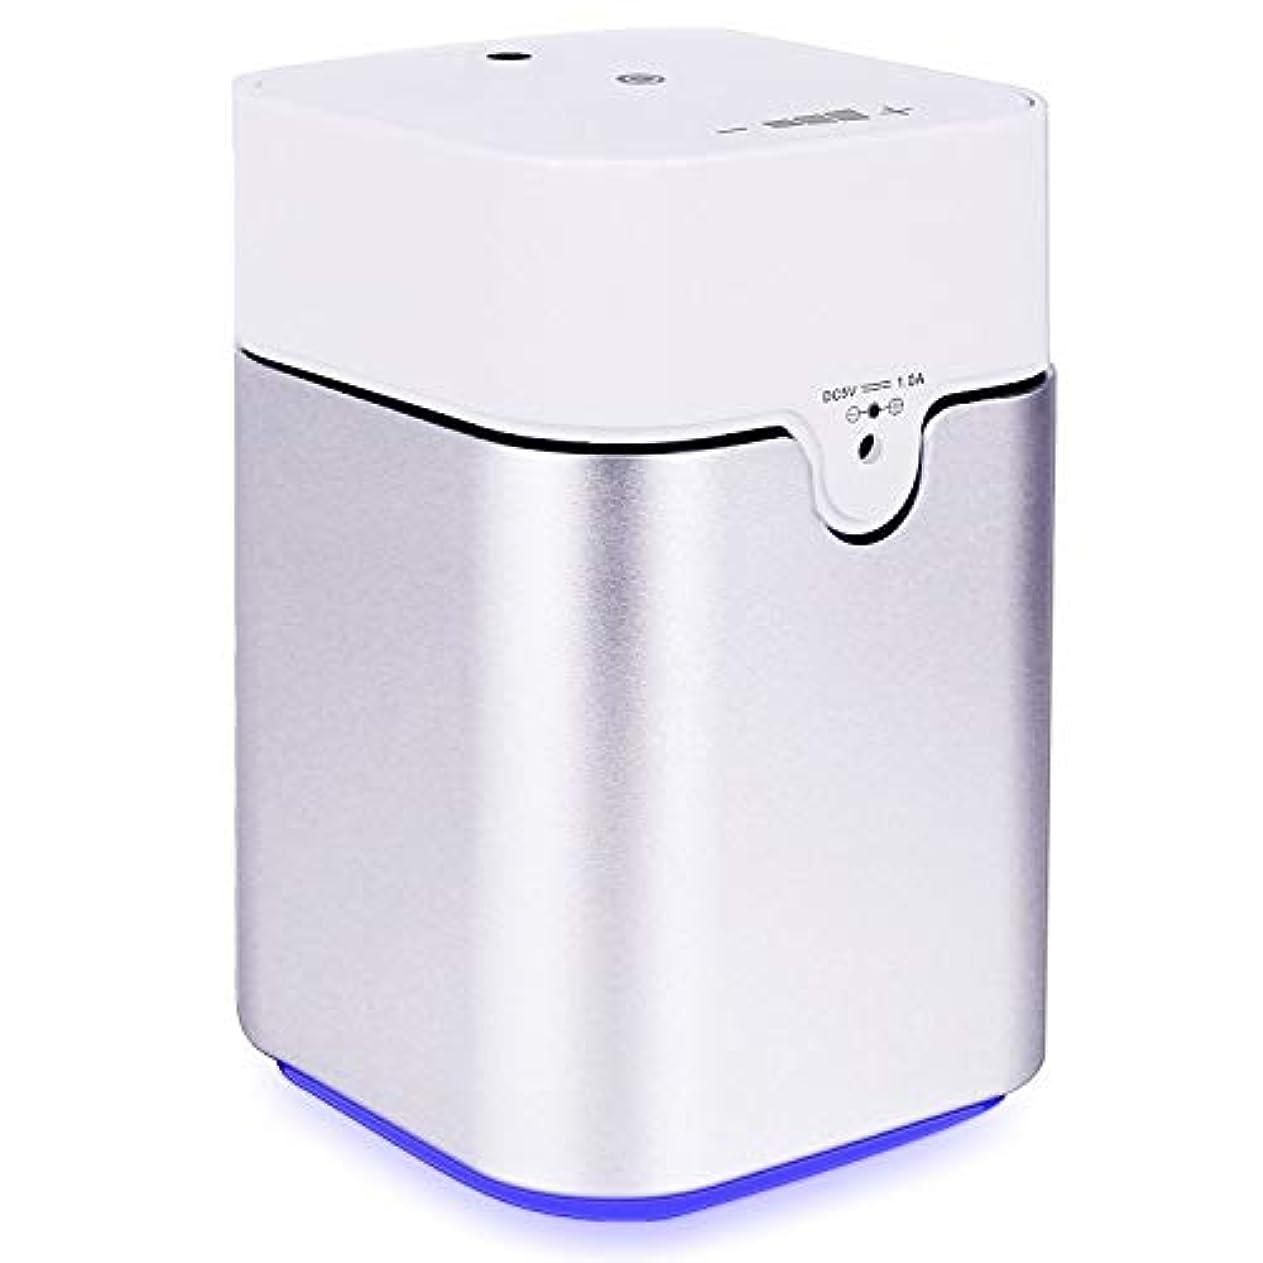 マークされた信頼アシストENERG e's Pure アロマディフューザー ヨガ室 整体院人気 タイマー機能 ネブライザー式 量調整可能 精油瓶3個付き T11-ENS082